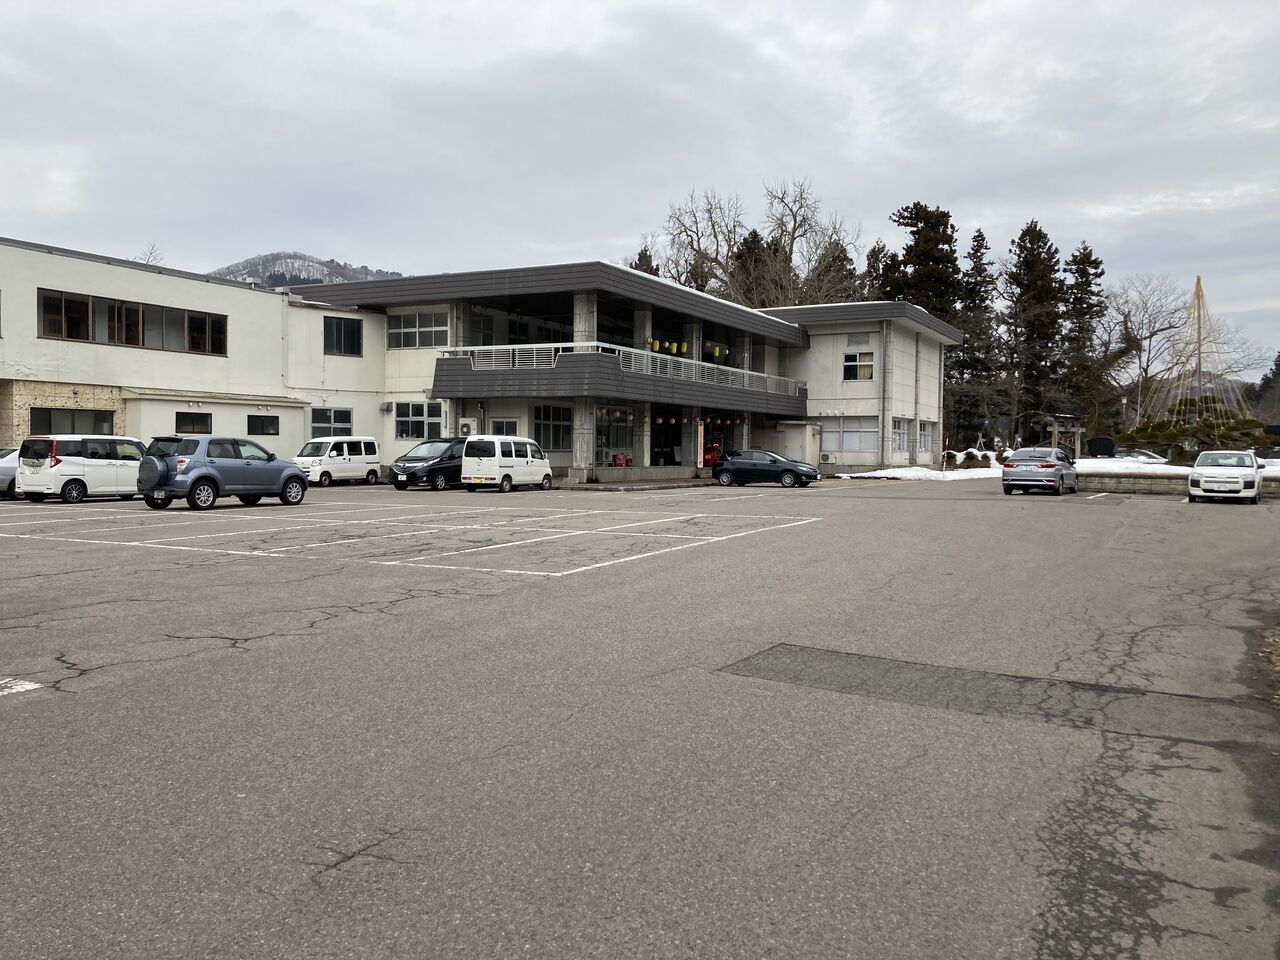 み センター つき が 丘 町民 つきみが丘町民センターの基本情報 宿泊予約 dトラベル